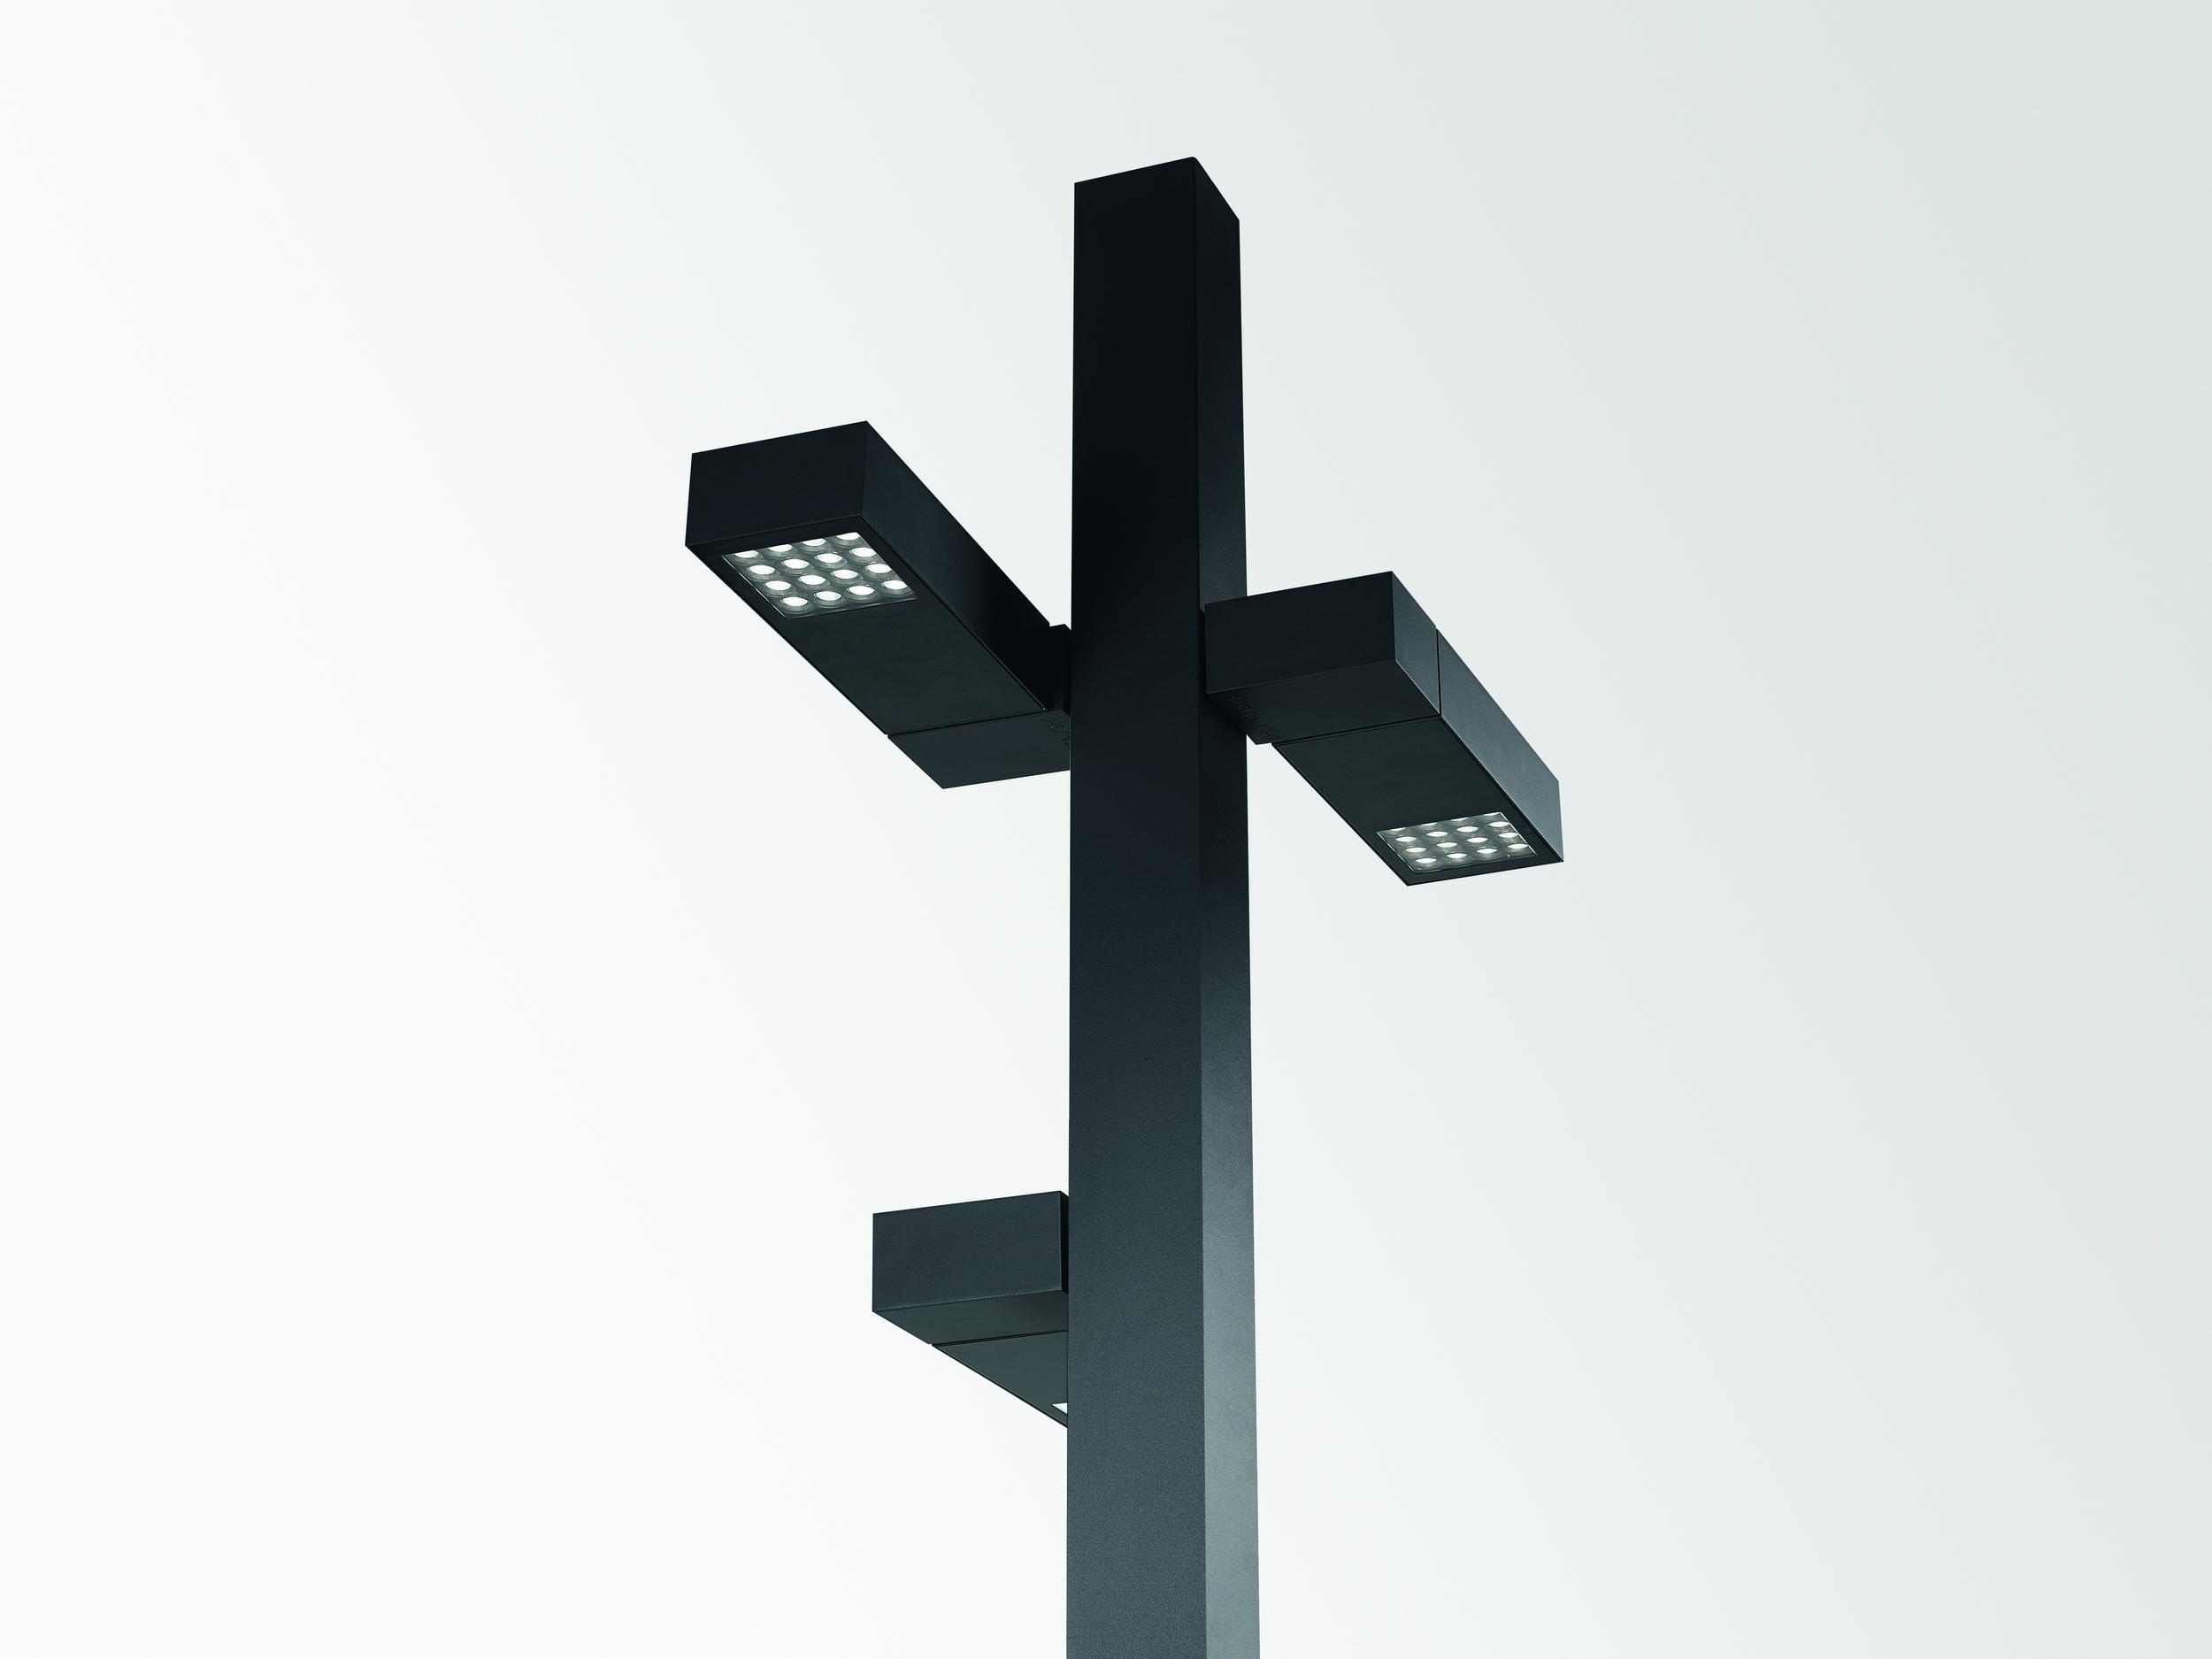 Delta Light Predstavio Modularni Rasvjetni Stup Polesano